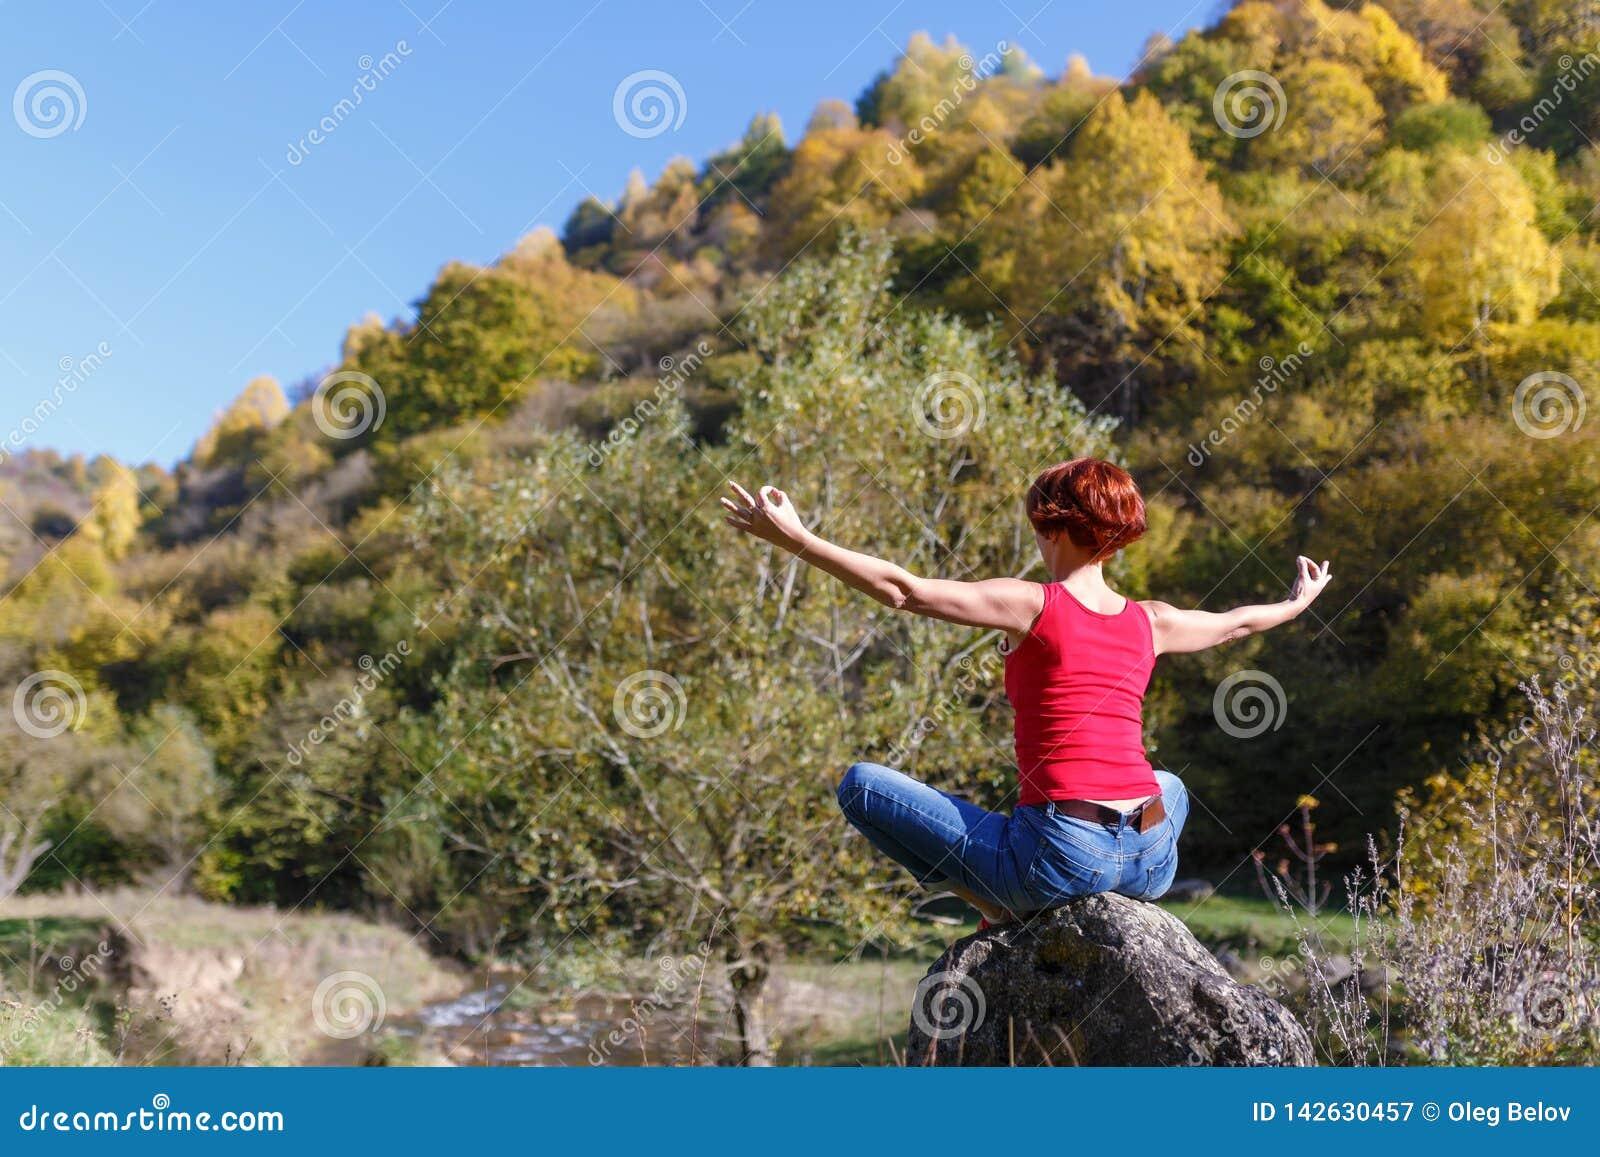 Junge Frau sitzt auf einem Stein und meditiert vor dem hintergrund eines Flusses, eines Waldes und eines blauen Himmels an einem